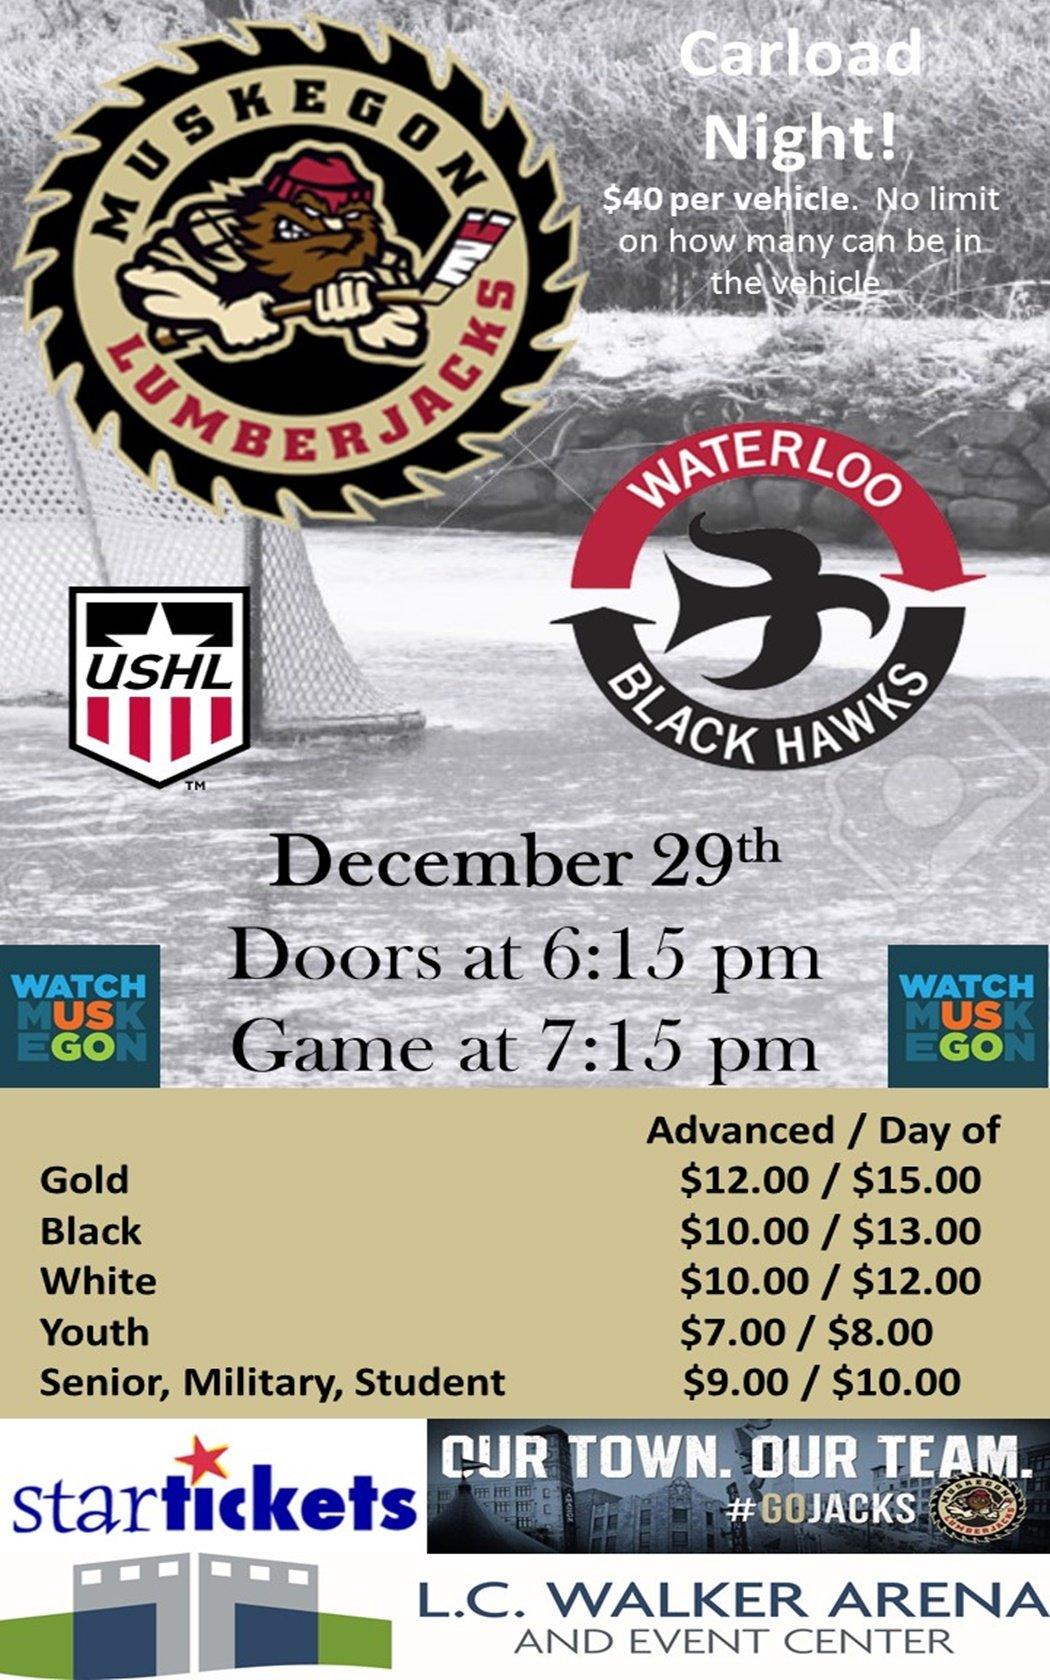 Dec 29 – Muskegon Lumberjacks vs Waterloo Black Hawks